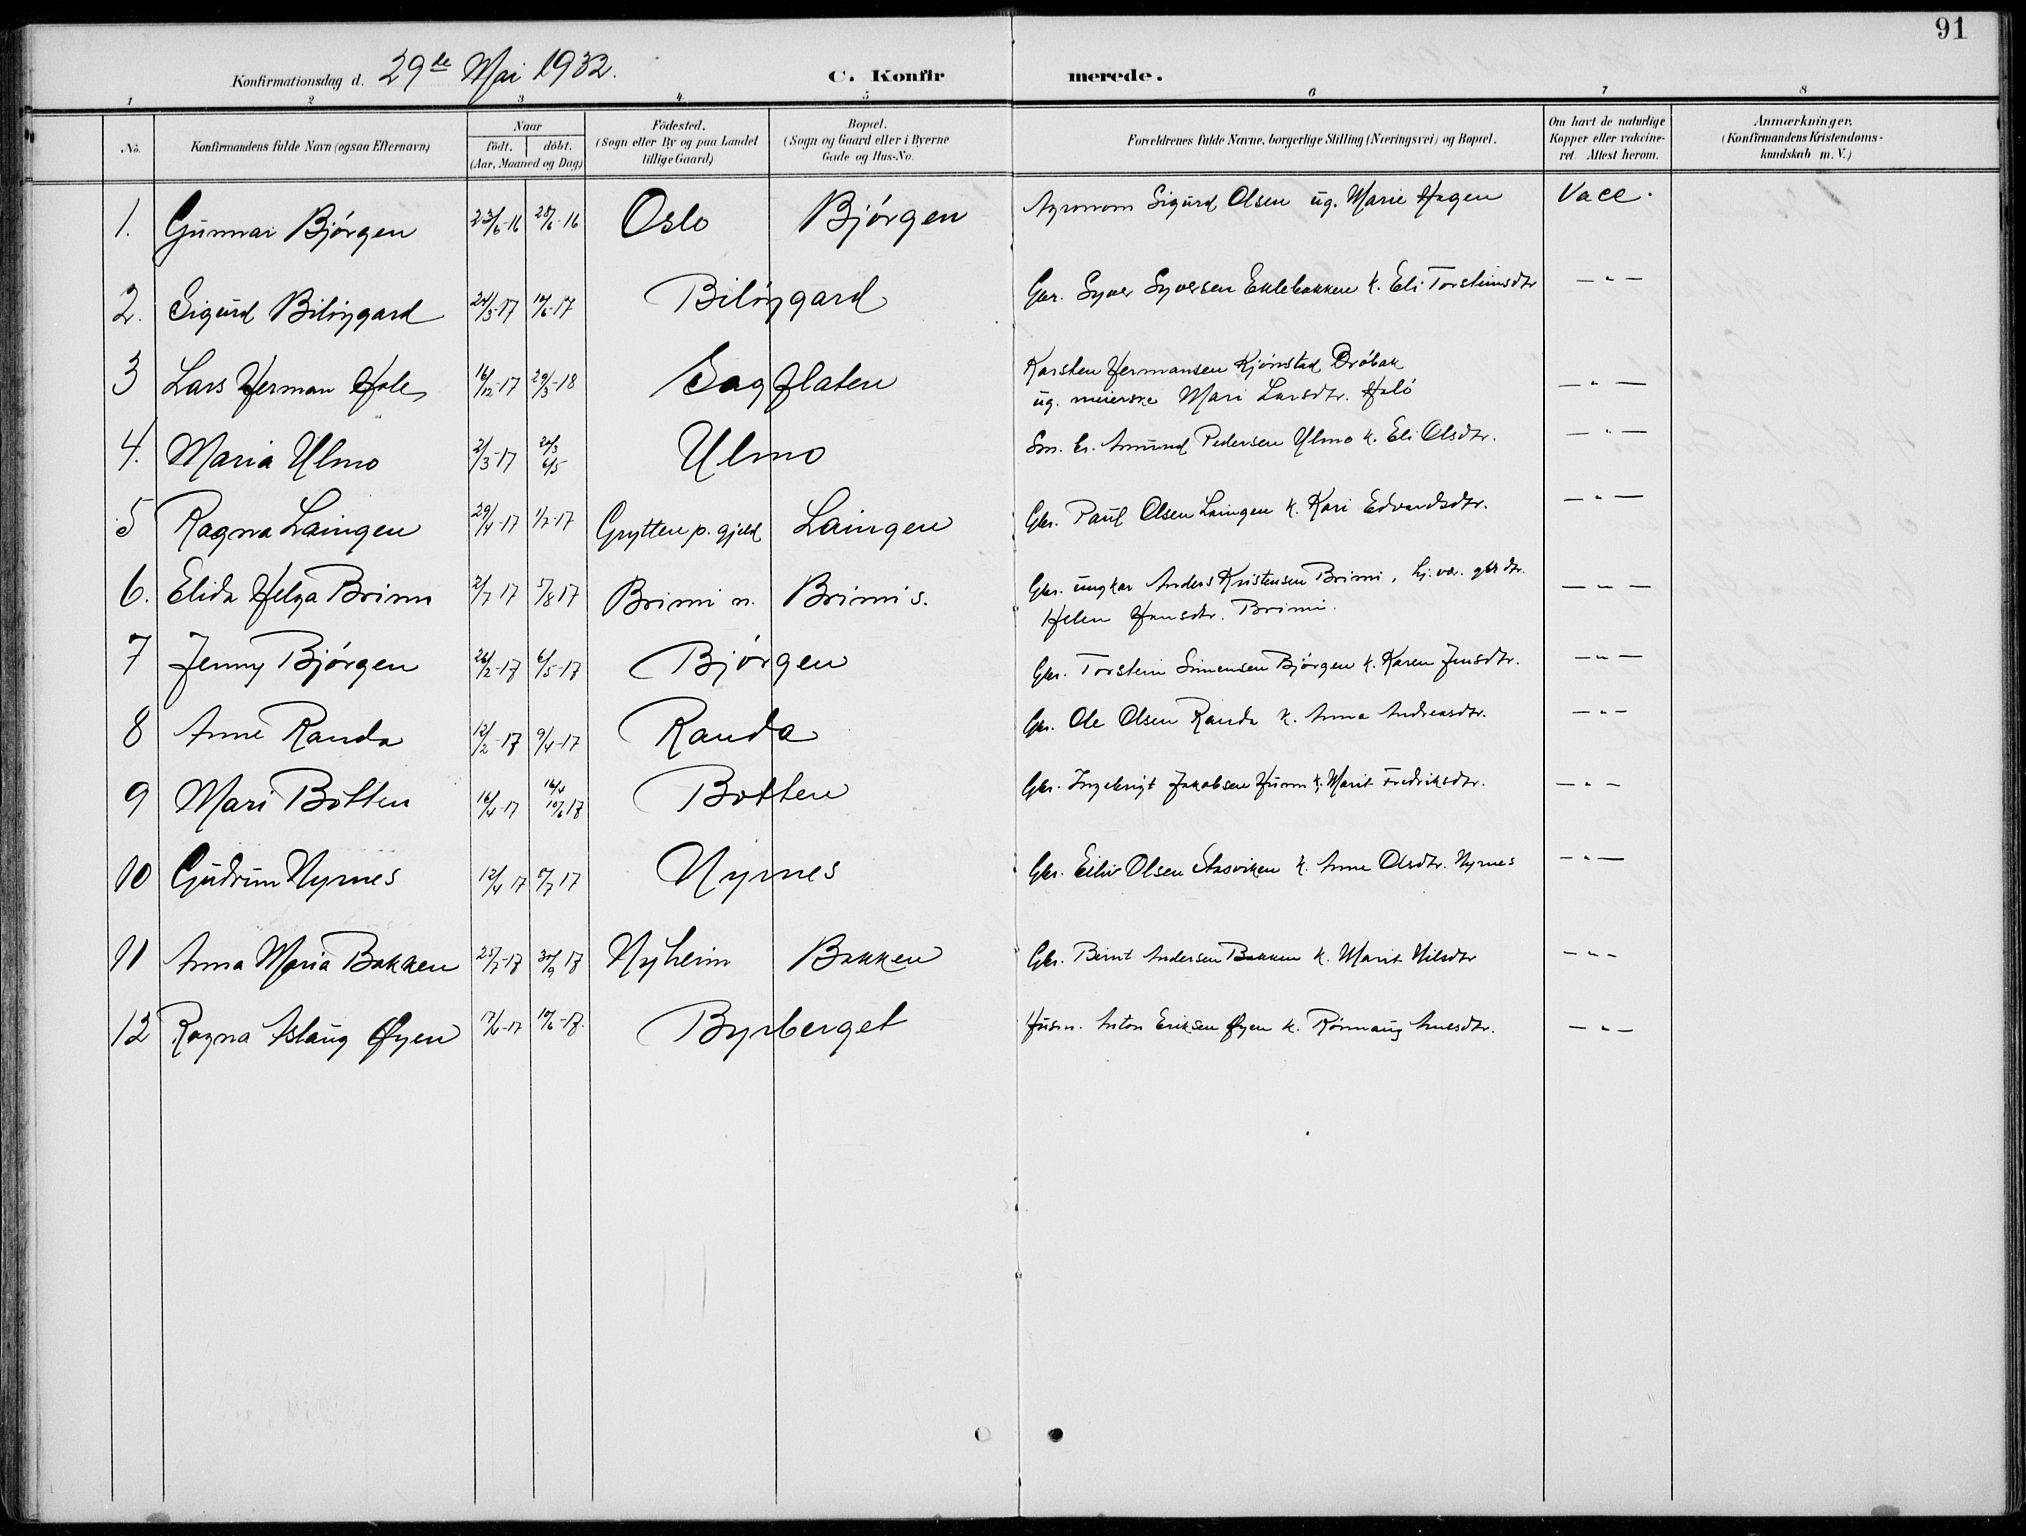 SAH, Lom prestekontor, L/L0006: Klokkerbok nr. 6, 1901-1939, s. 91